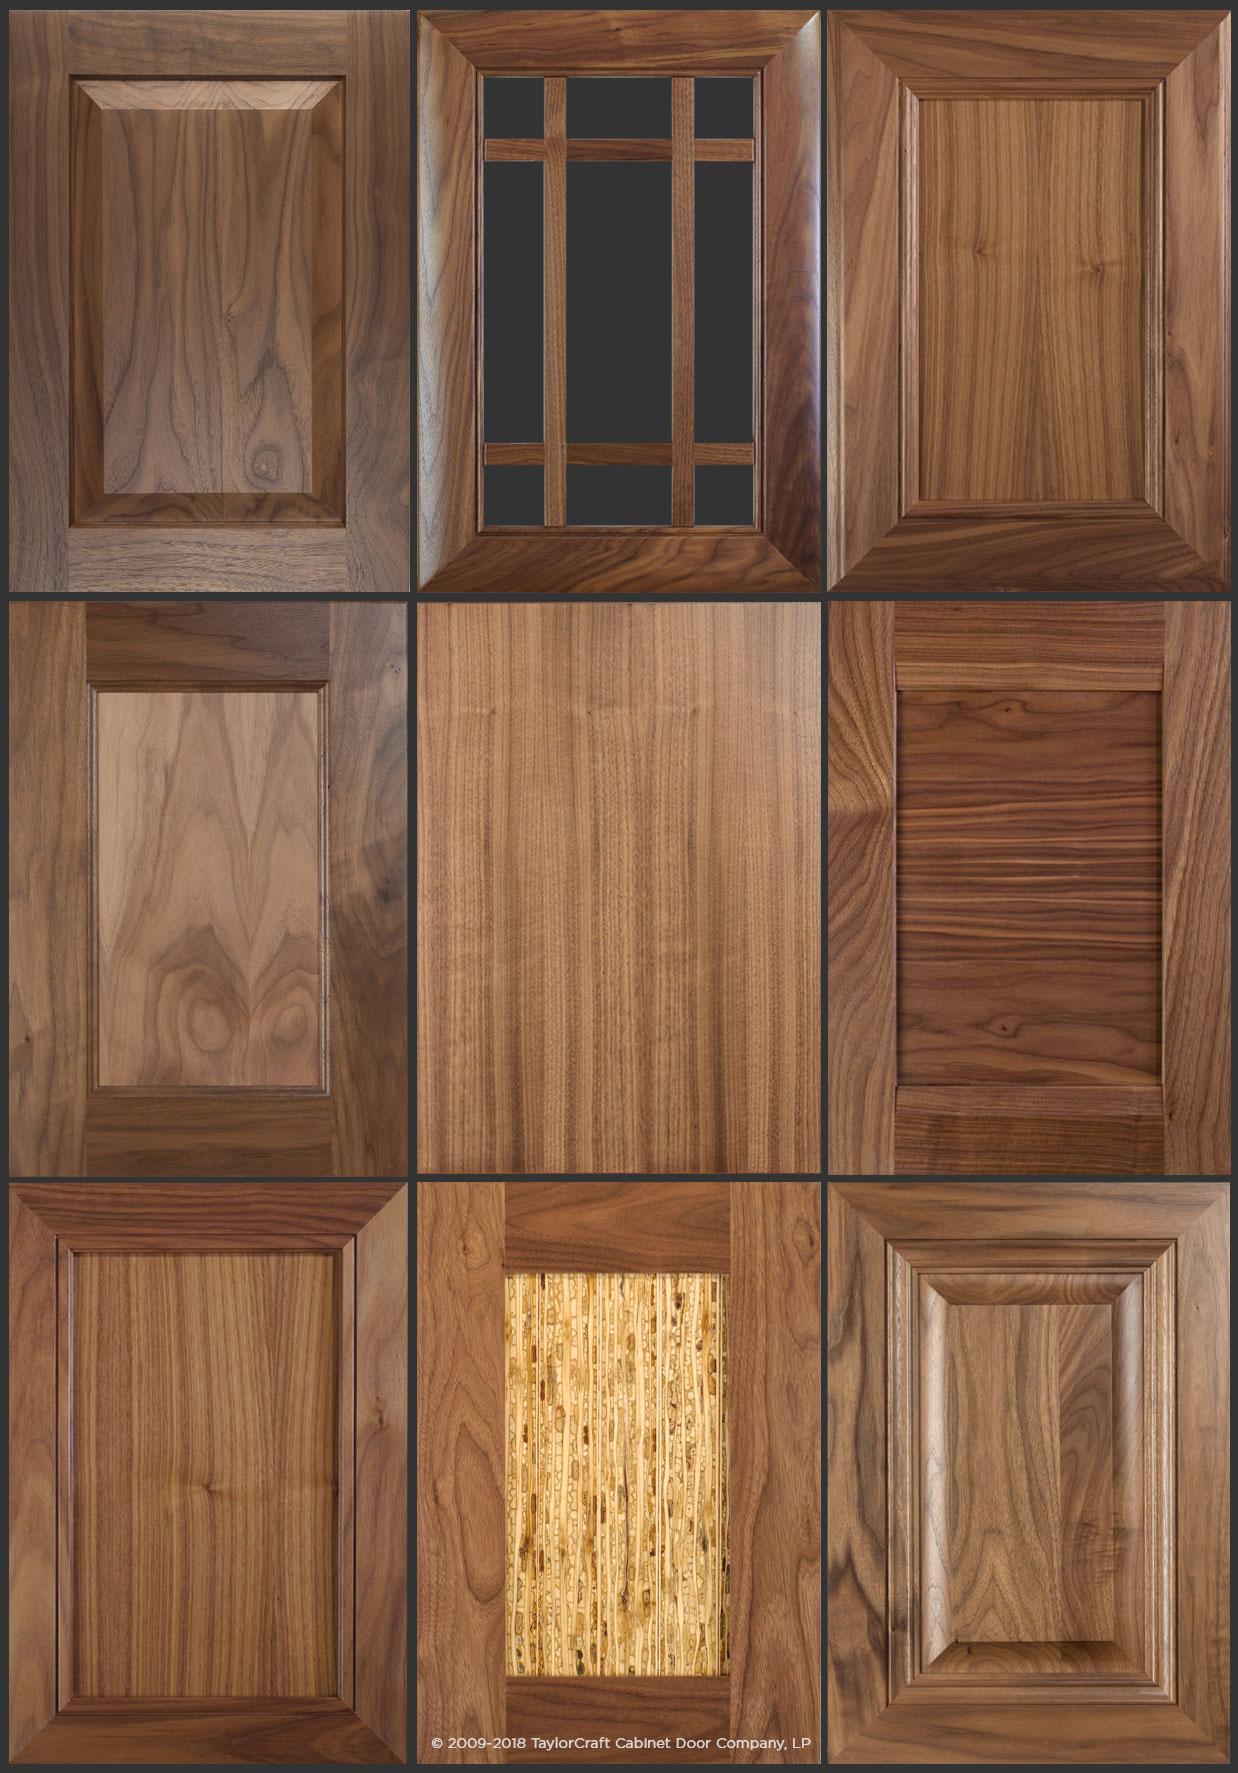 Cabinet door design trends - horizontal grain and lines